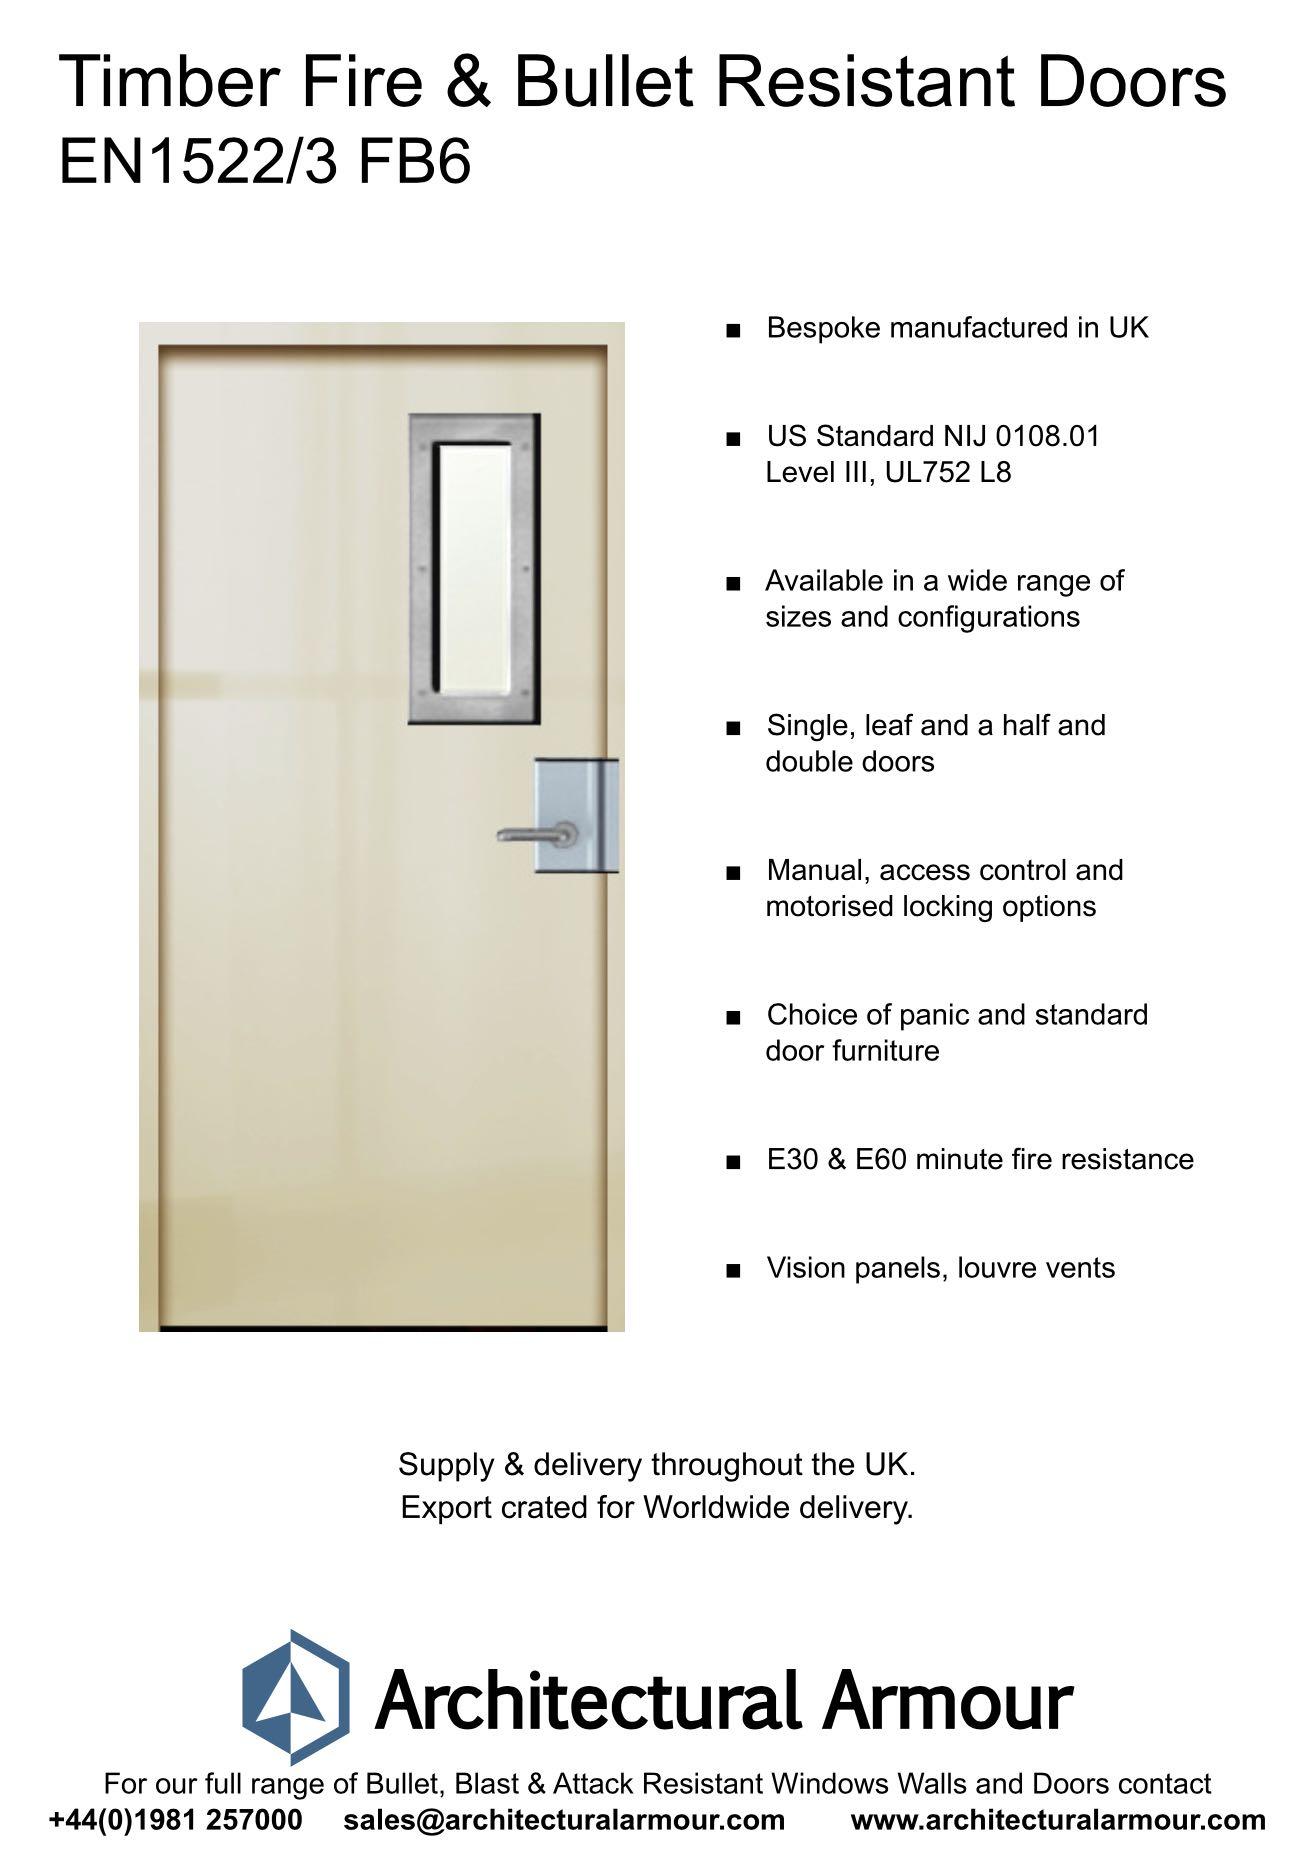 en1522/3 fb6 timber fire and bullet resistant door